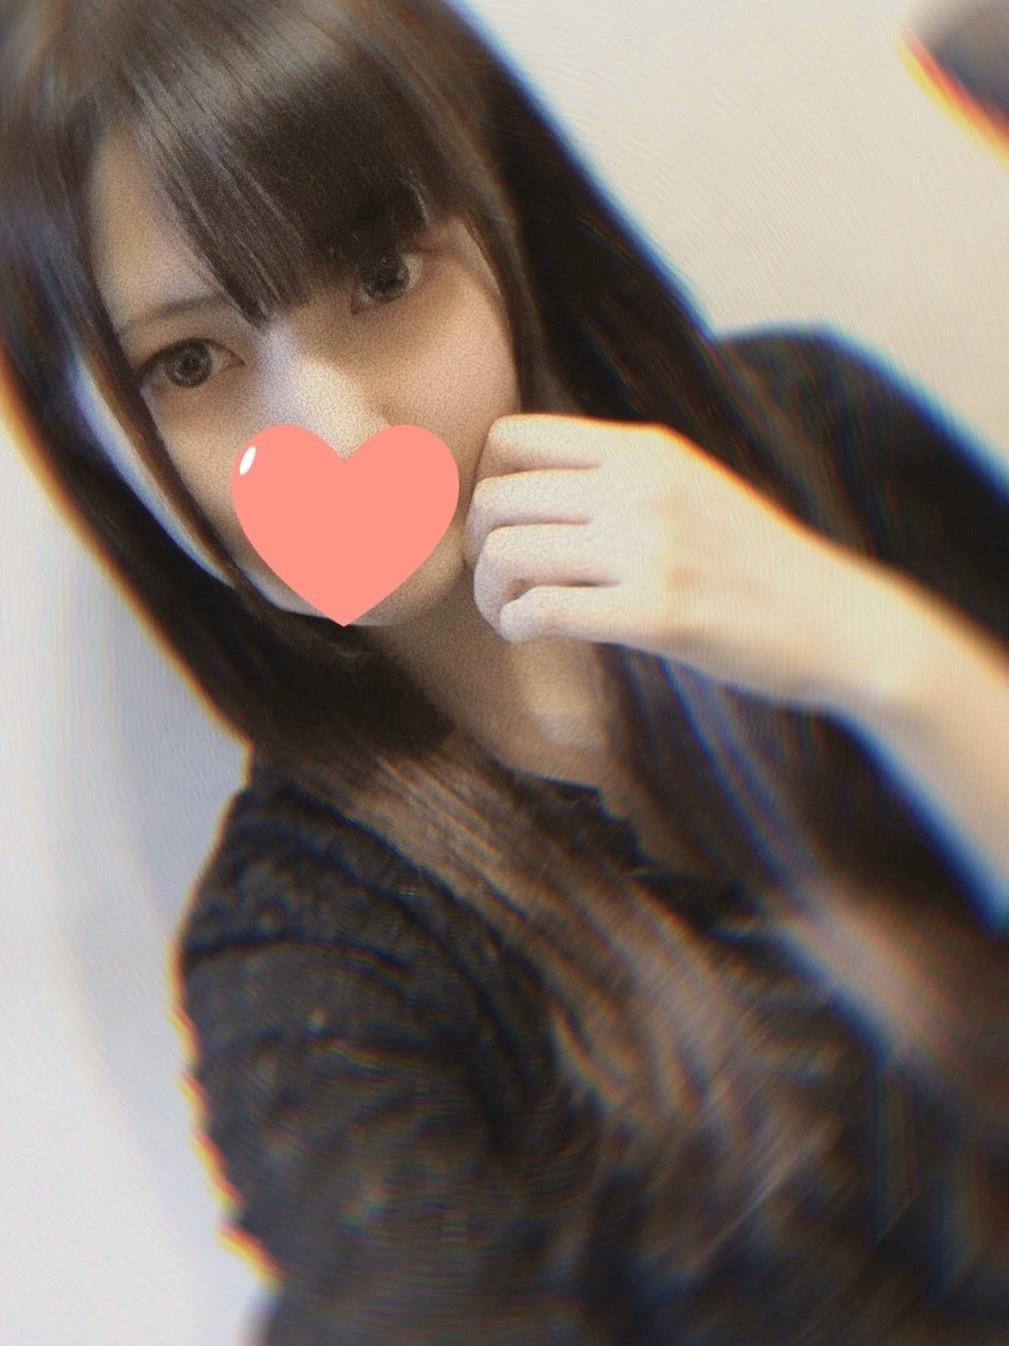 りさ「大塚のNさん♪」11/25(水) 05:34 | りさの写メ・風俗動画